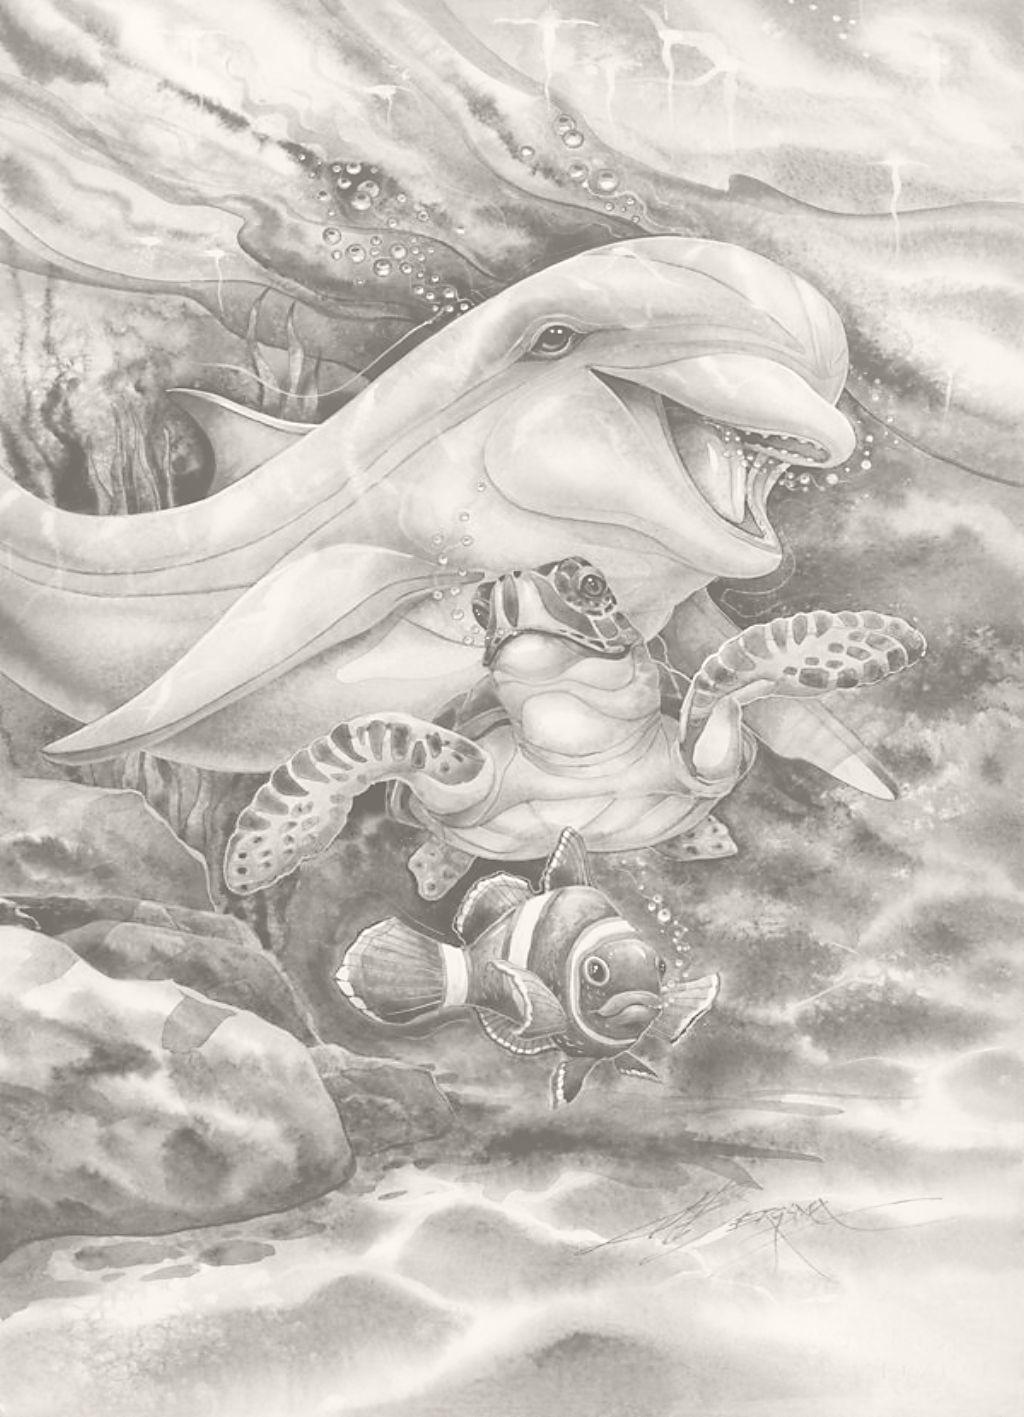 Alle Zwart Wit Platen Zijn Goed Uit De Printen Op 13 18 Cm Dolfijn Kunst Dieren Kleurplaten Draken Tekeningen